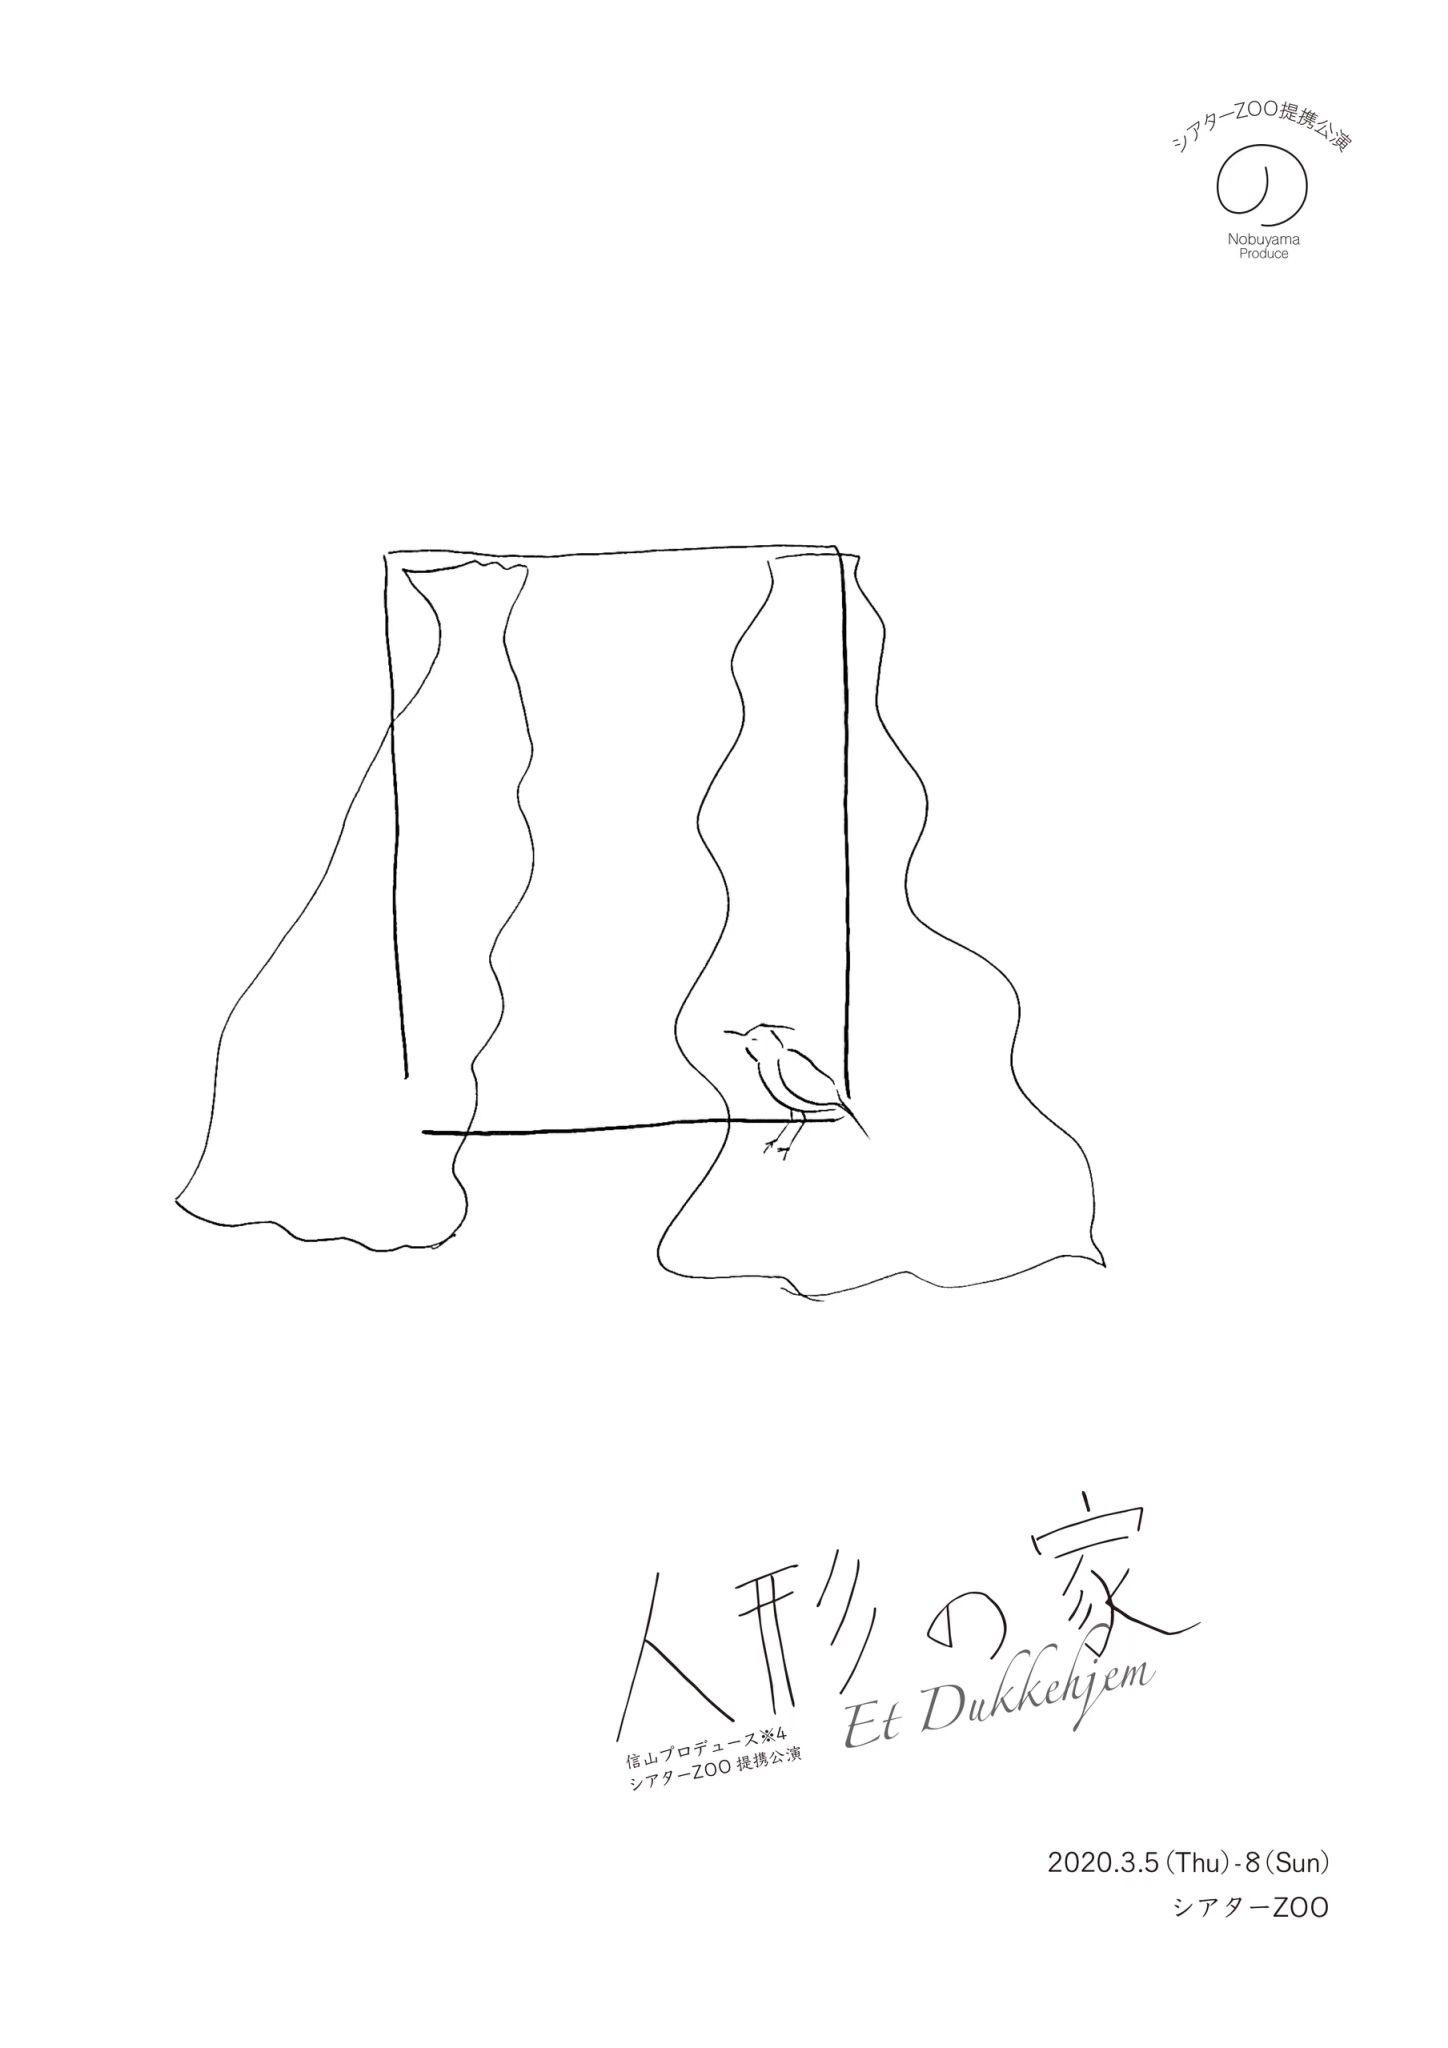 信山プロデュース※4「人形の家」 イメージ画像